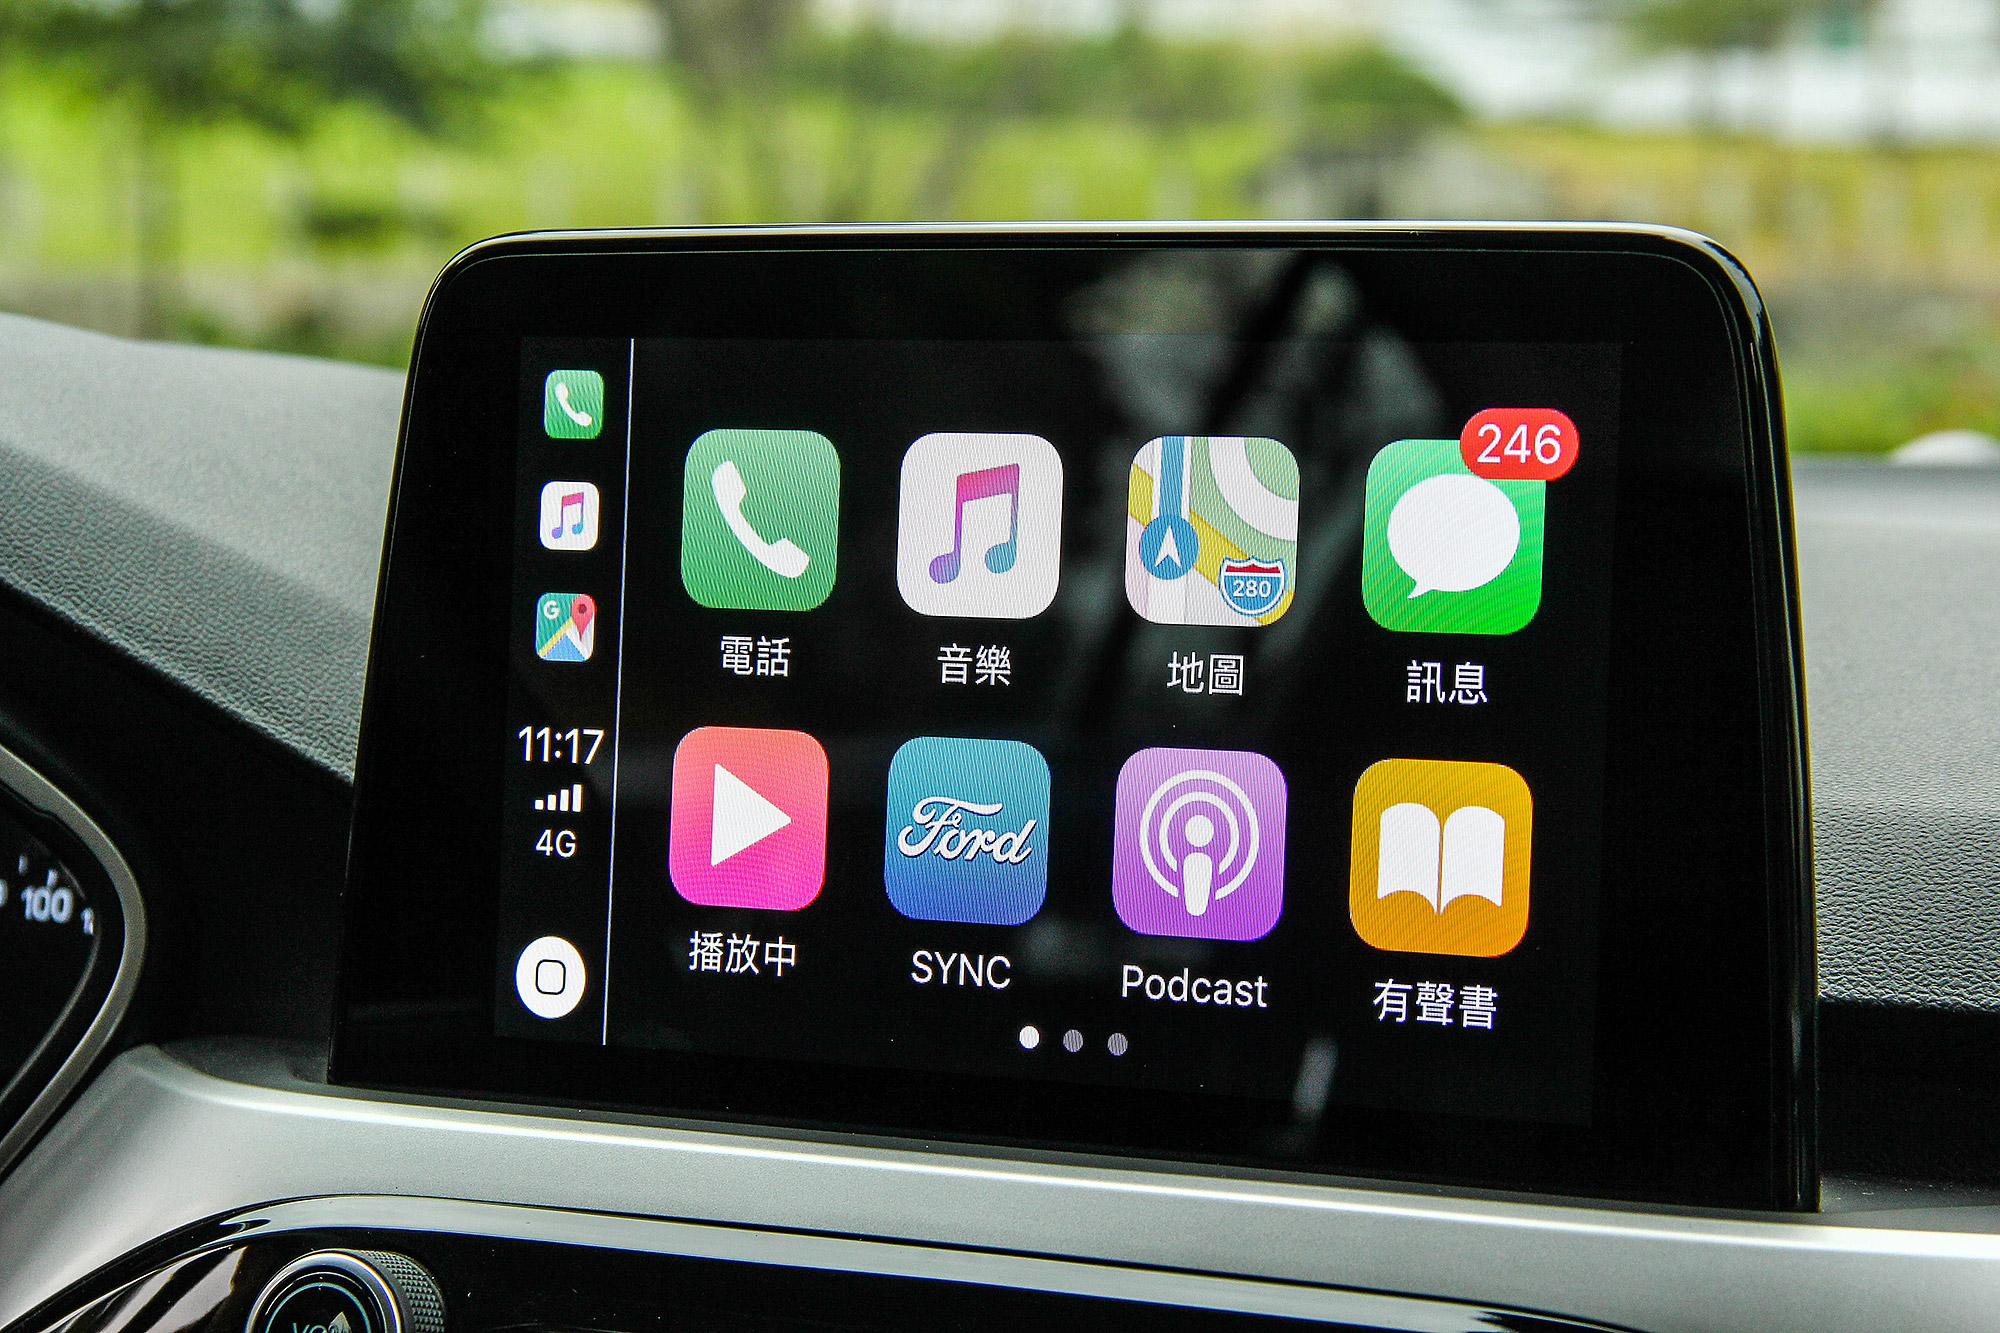 支援 Apple CarPlay 智慧型手機連結。